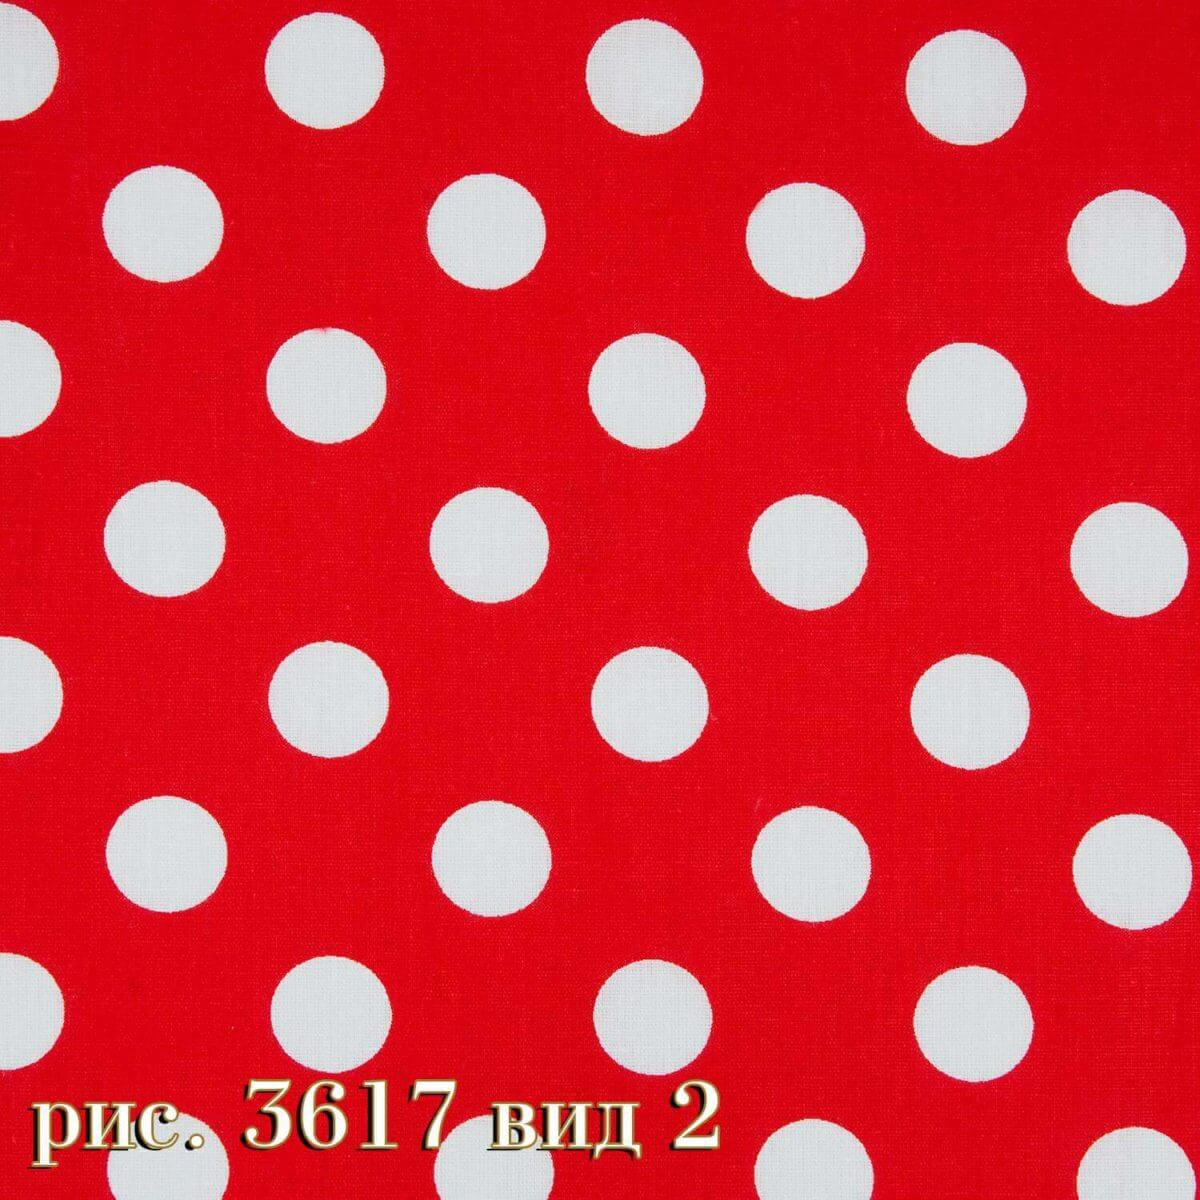 Фото 20 - Плательная ткань бязь 220 см (3617/9).